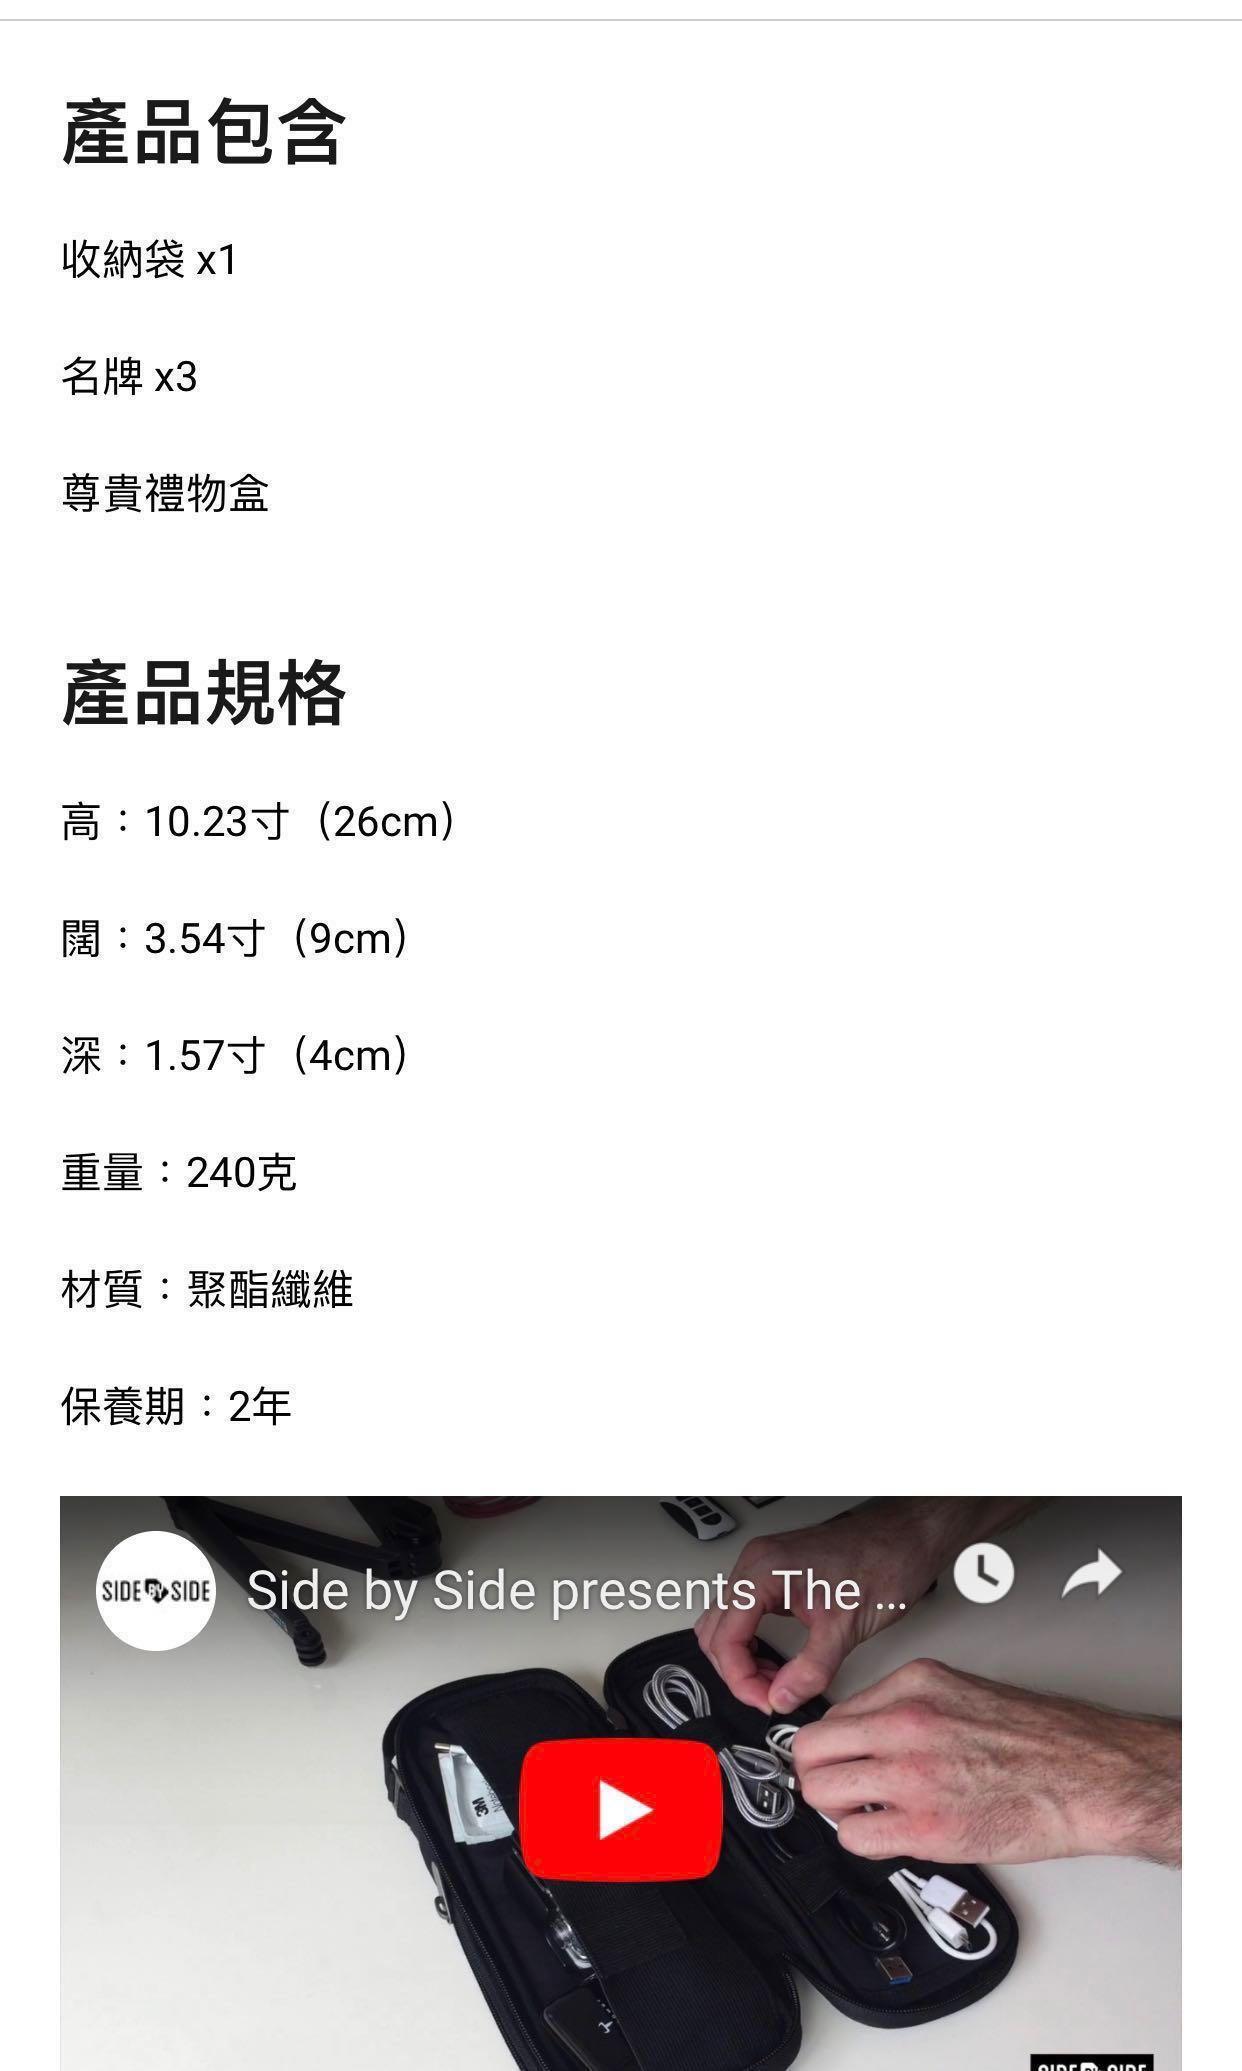 Side by side 旅行 I pad I phone I pod 充電線 電線 電池 黑色 收納袋 99%新 (原價$379)